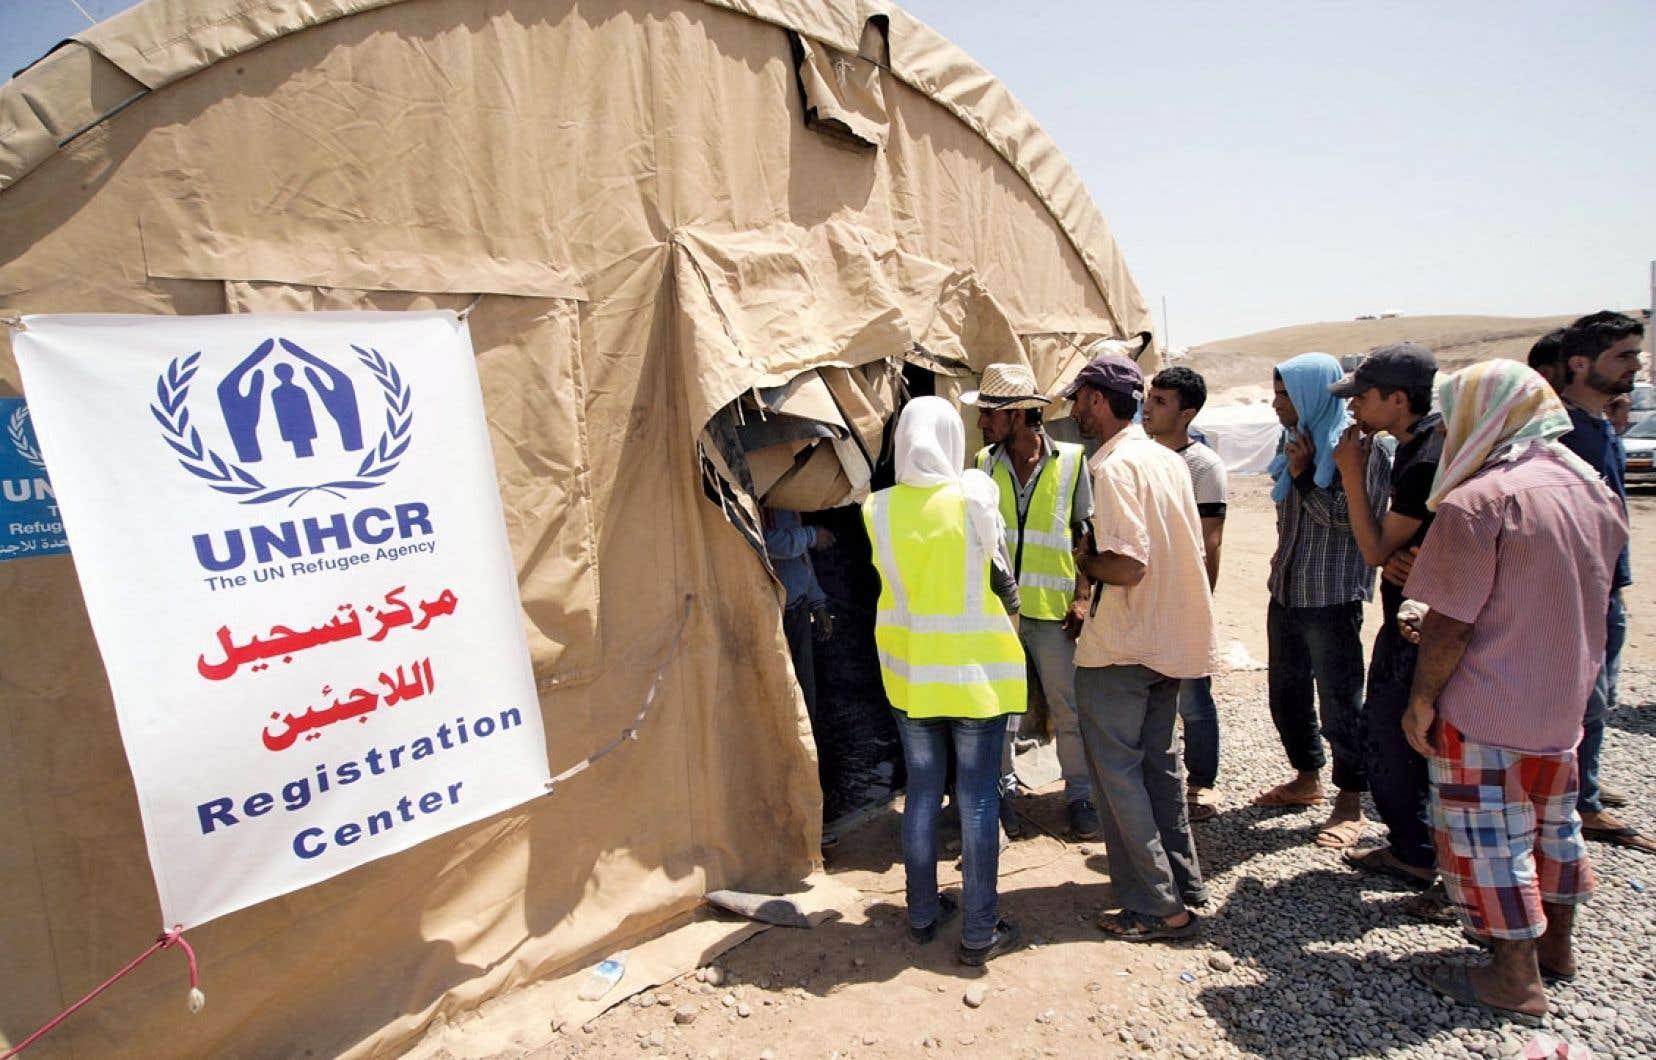 Beaucoup de Syriens, des Kurdes surtout, ont trouvé refuge en Irak, notamment au camp de Quru Gusik situé dans la région du Kurdistan irakien. Ci-dessus, quelques Syriens s'enregistraient au camp, samedi.